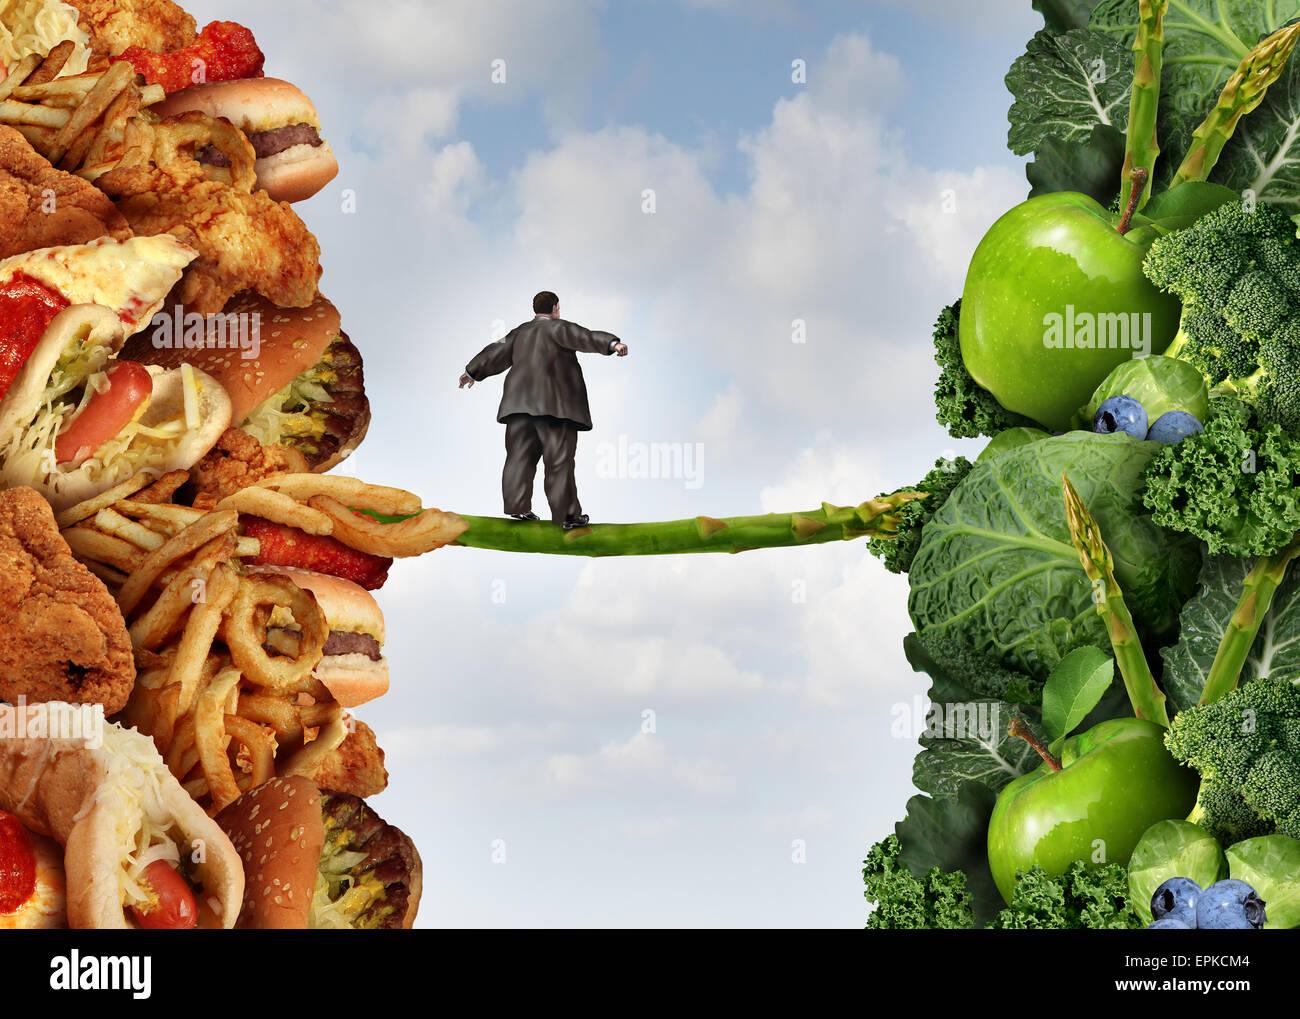 Cambiar la dieta saludable concepto de estilo de vida y tener la valentía de aceptar el reto de perder peso Imagen De Stock